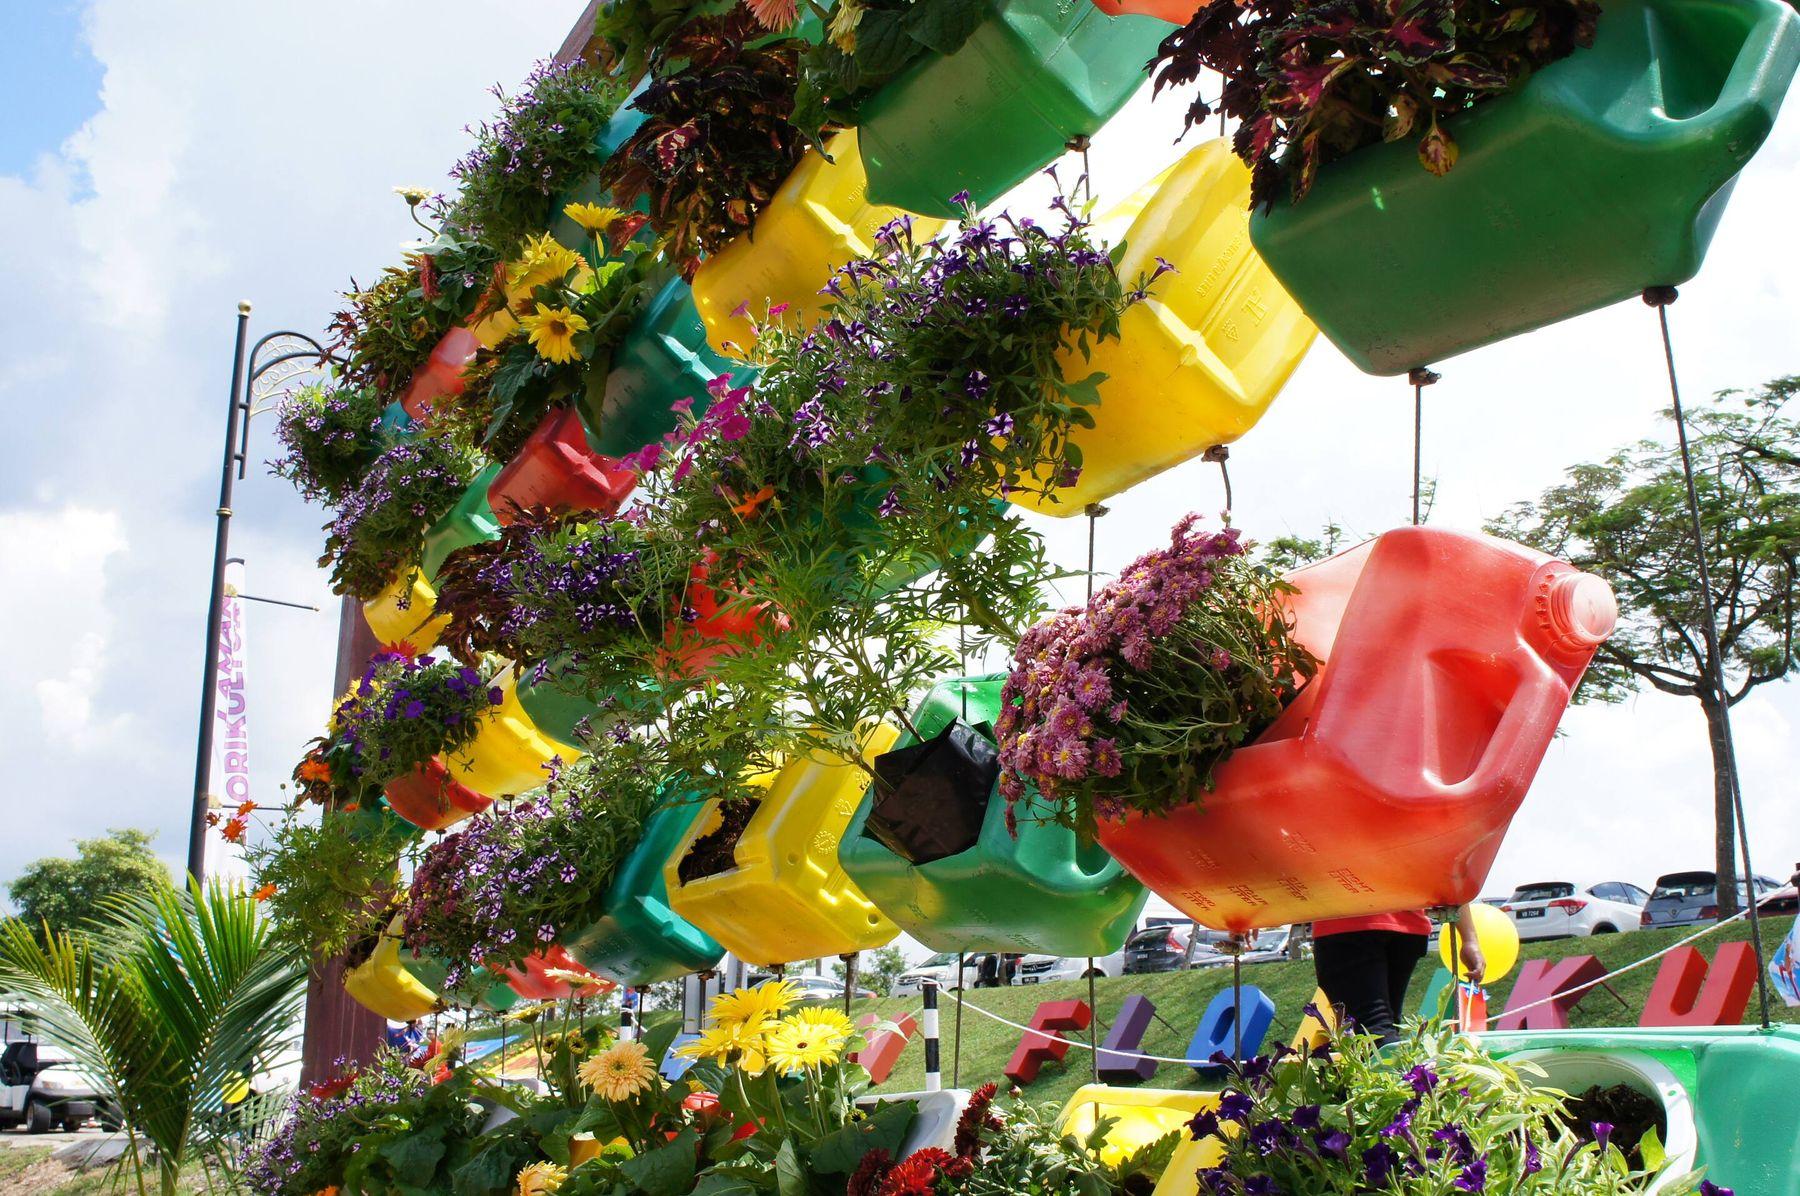 Cách tái chế can nhựa lớn 3 lít, 5 lít, 20 lít thành chậu trồng hoa, trồng cây đẹp mắt